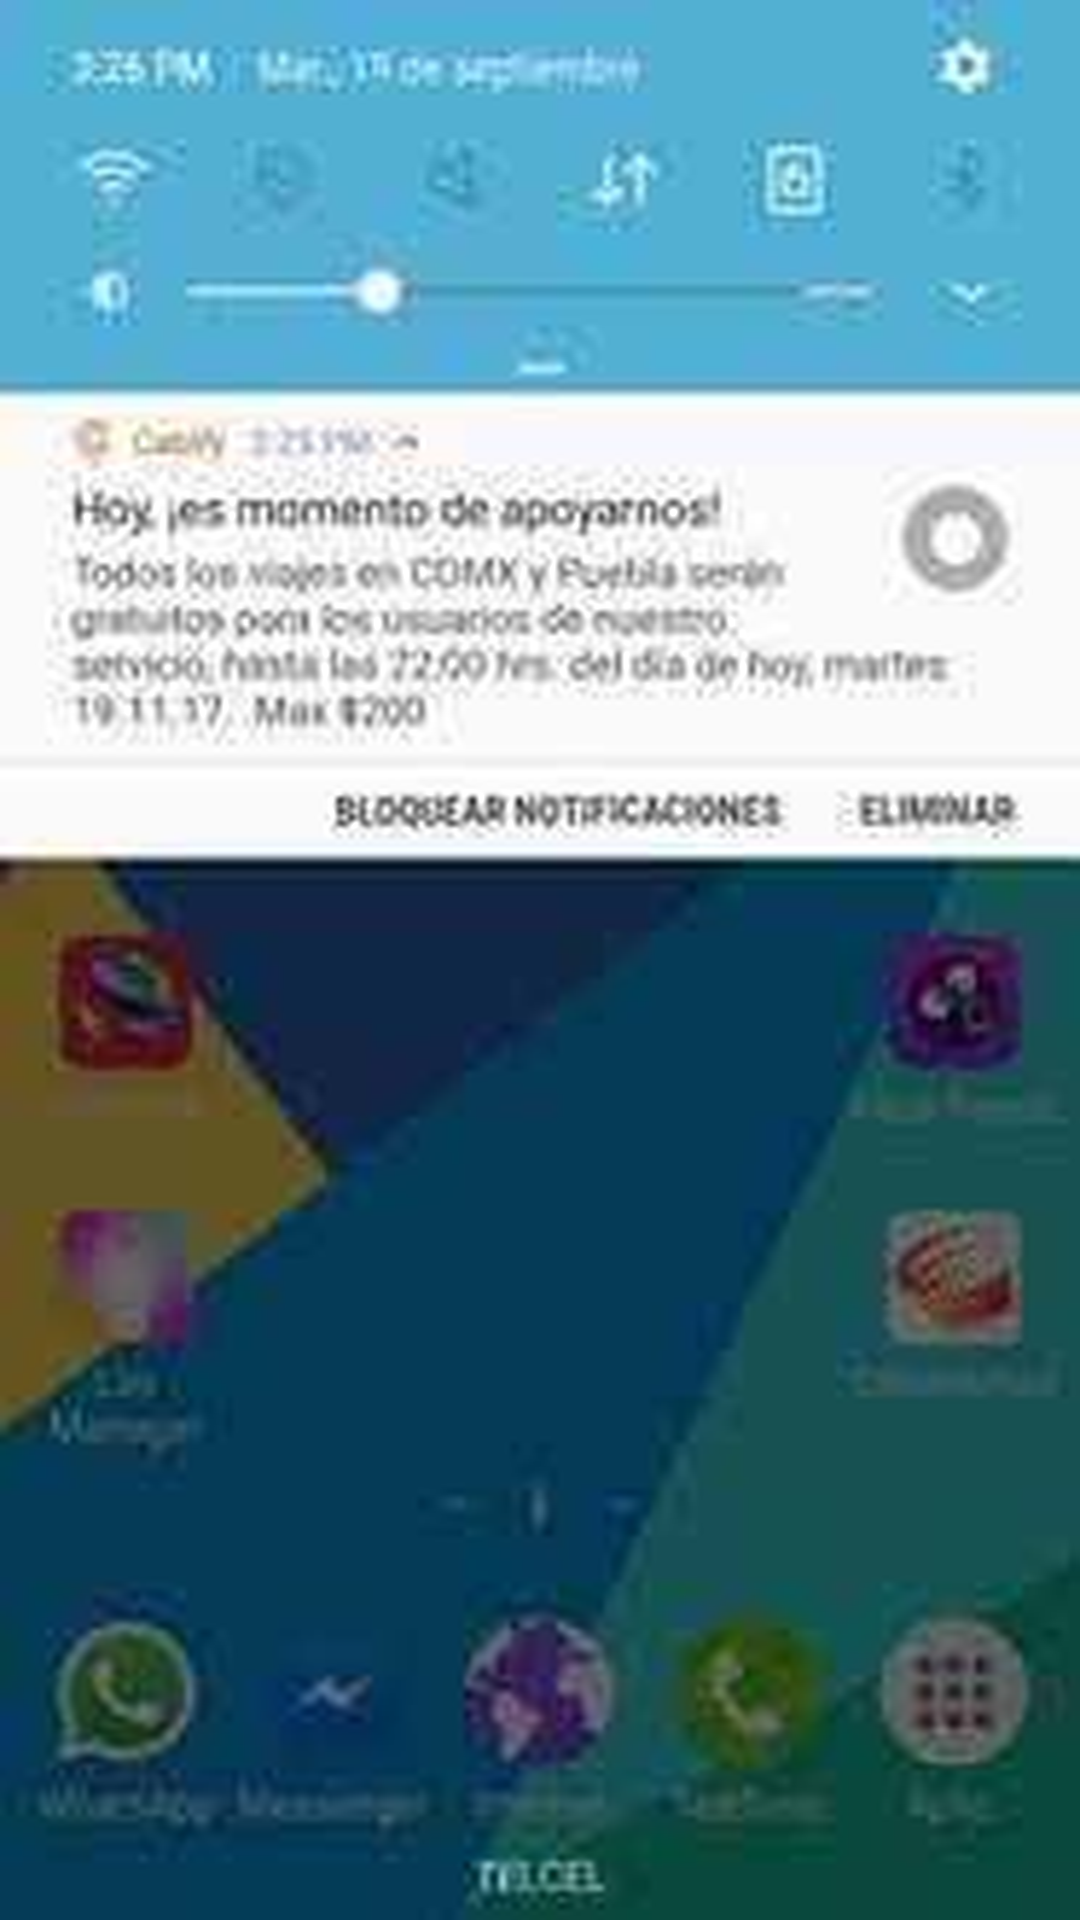 Cabify: Viajes gratis en CDMX y Puebla por sismo